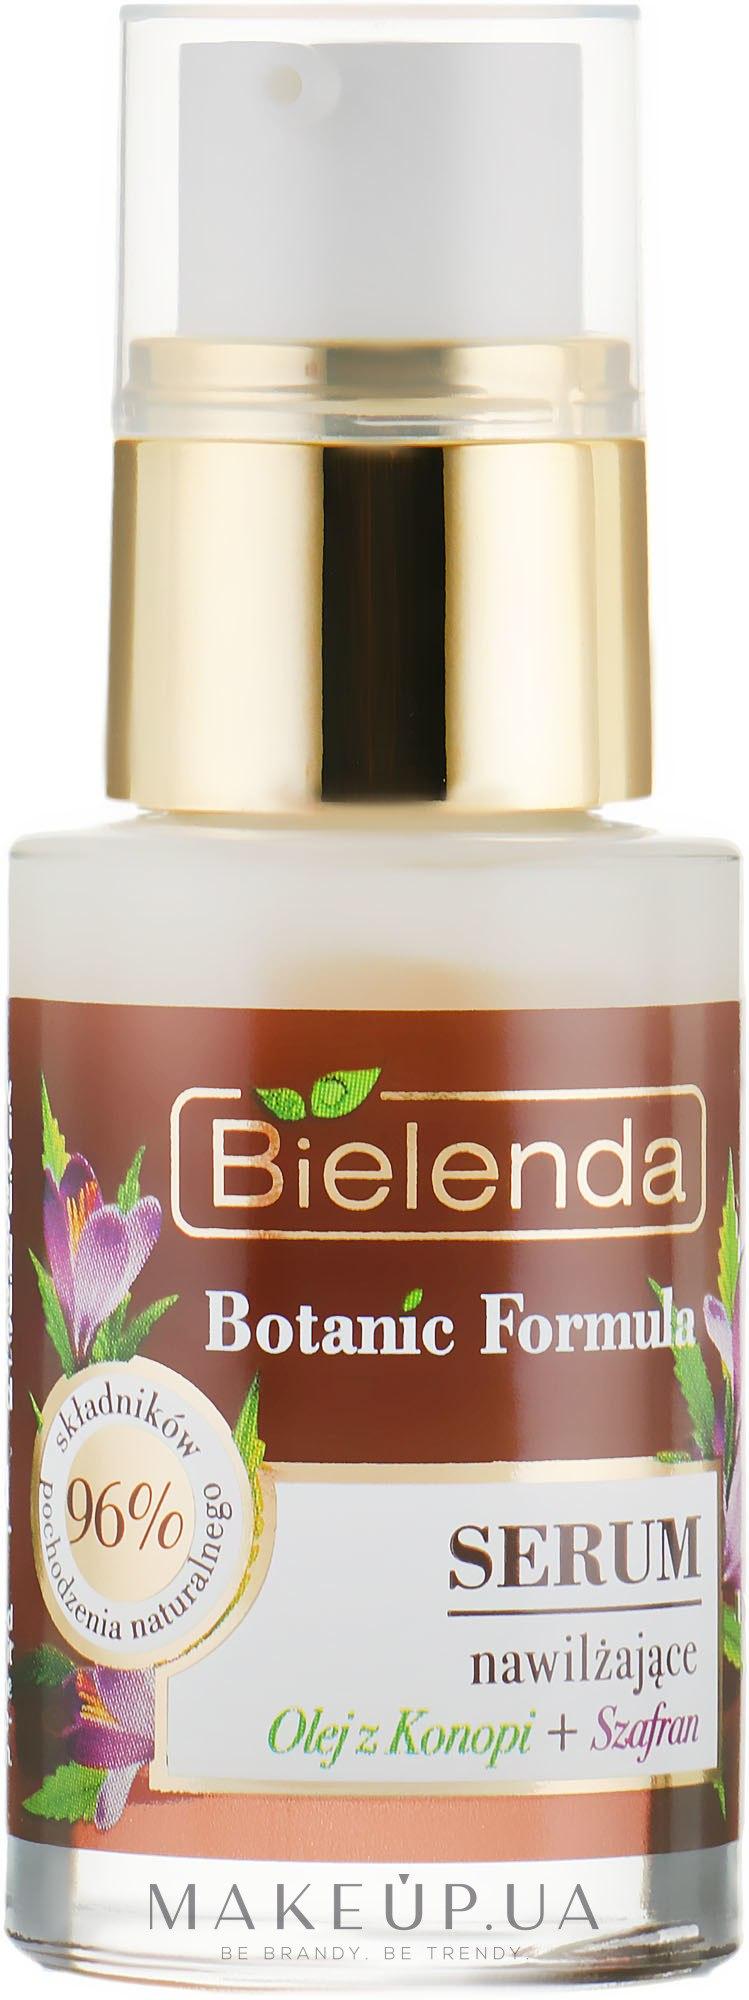 """Увлажняющая сыворотка для лица """"Масло Конопли + Шафран"""" - Bielenda Botanic Formula — фото 15ml"""